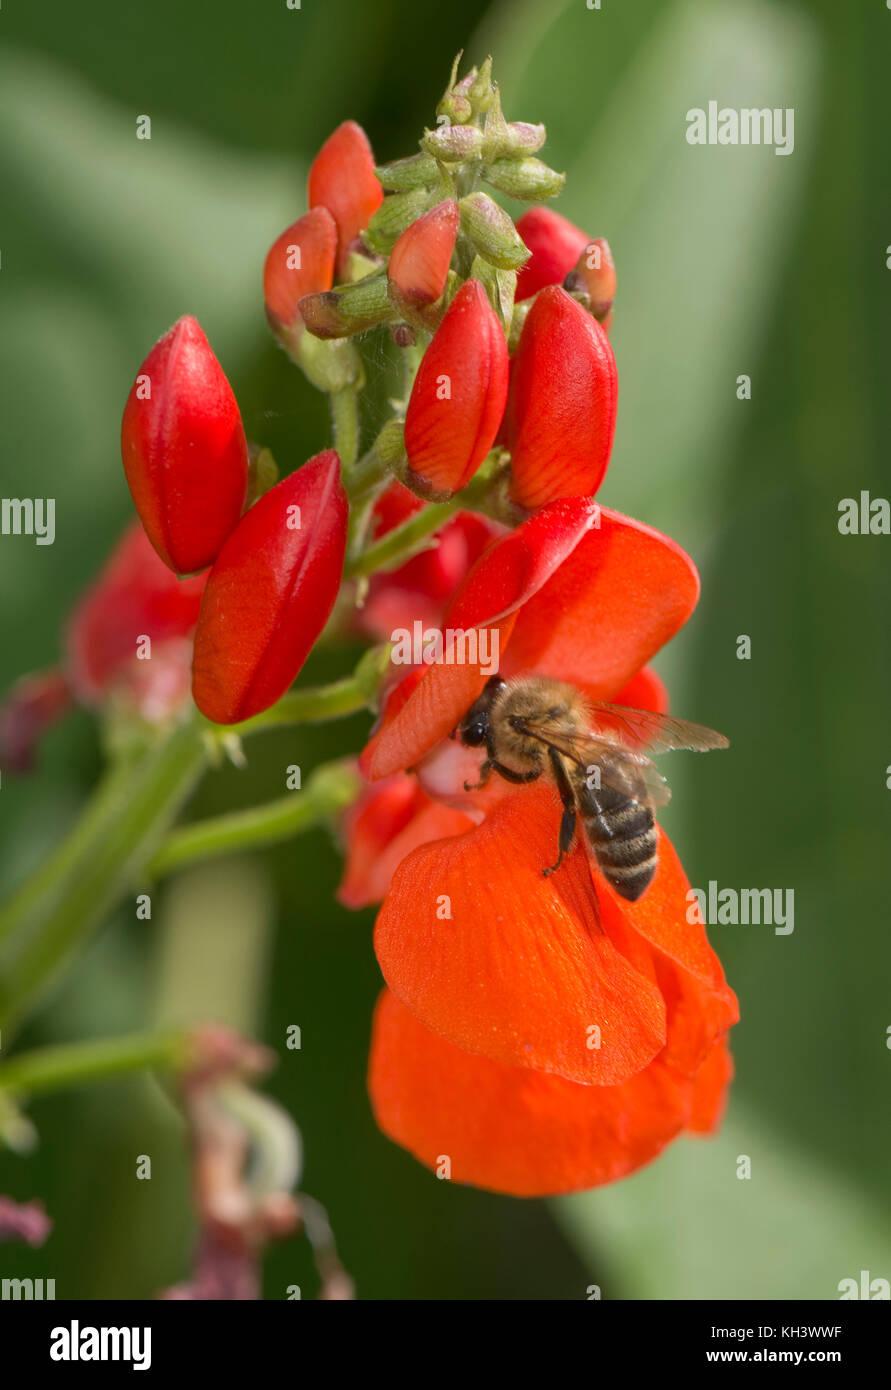 Honigbiene, Apis mellifera, Nahrungssuche auf leuchtend roten Blüten von Stangenbohnen, Berkshire, August Stockbild